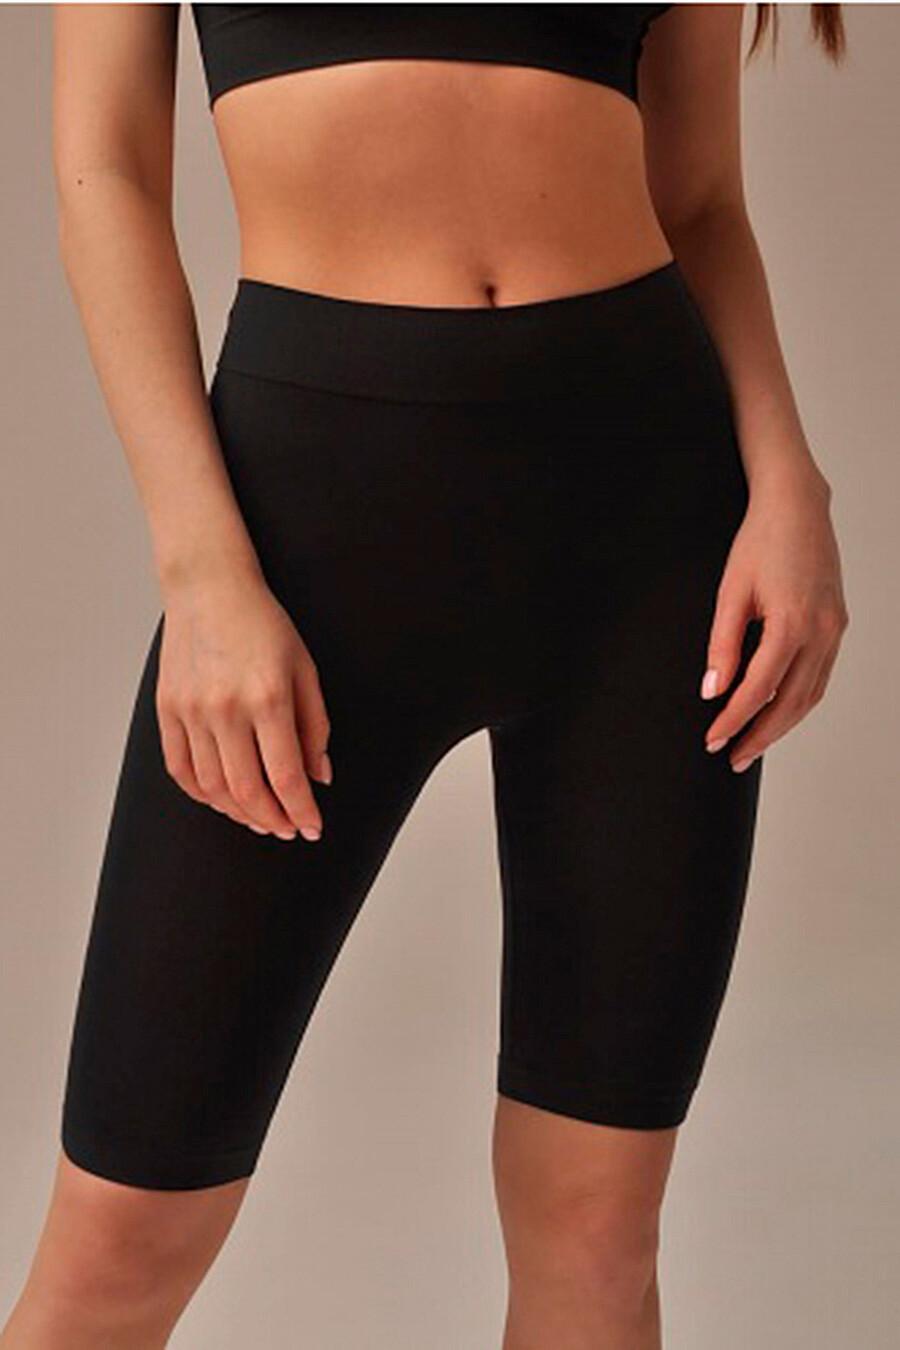 MIREY леггинсы PA704 SHORT LEGGINGS (1/68)  для женщин MY 260984 купить оптом от производителя. Совместная покупка женской одежды в OptMoyo